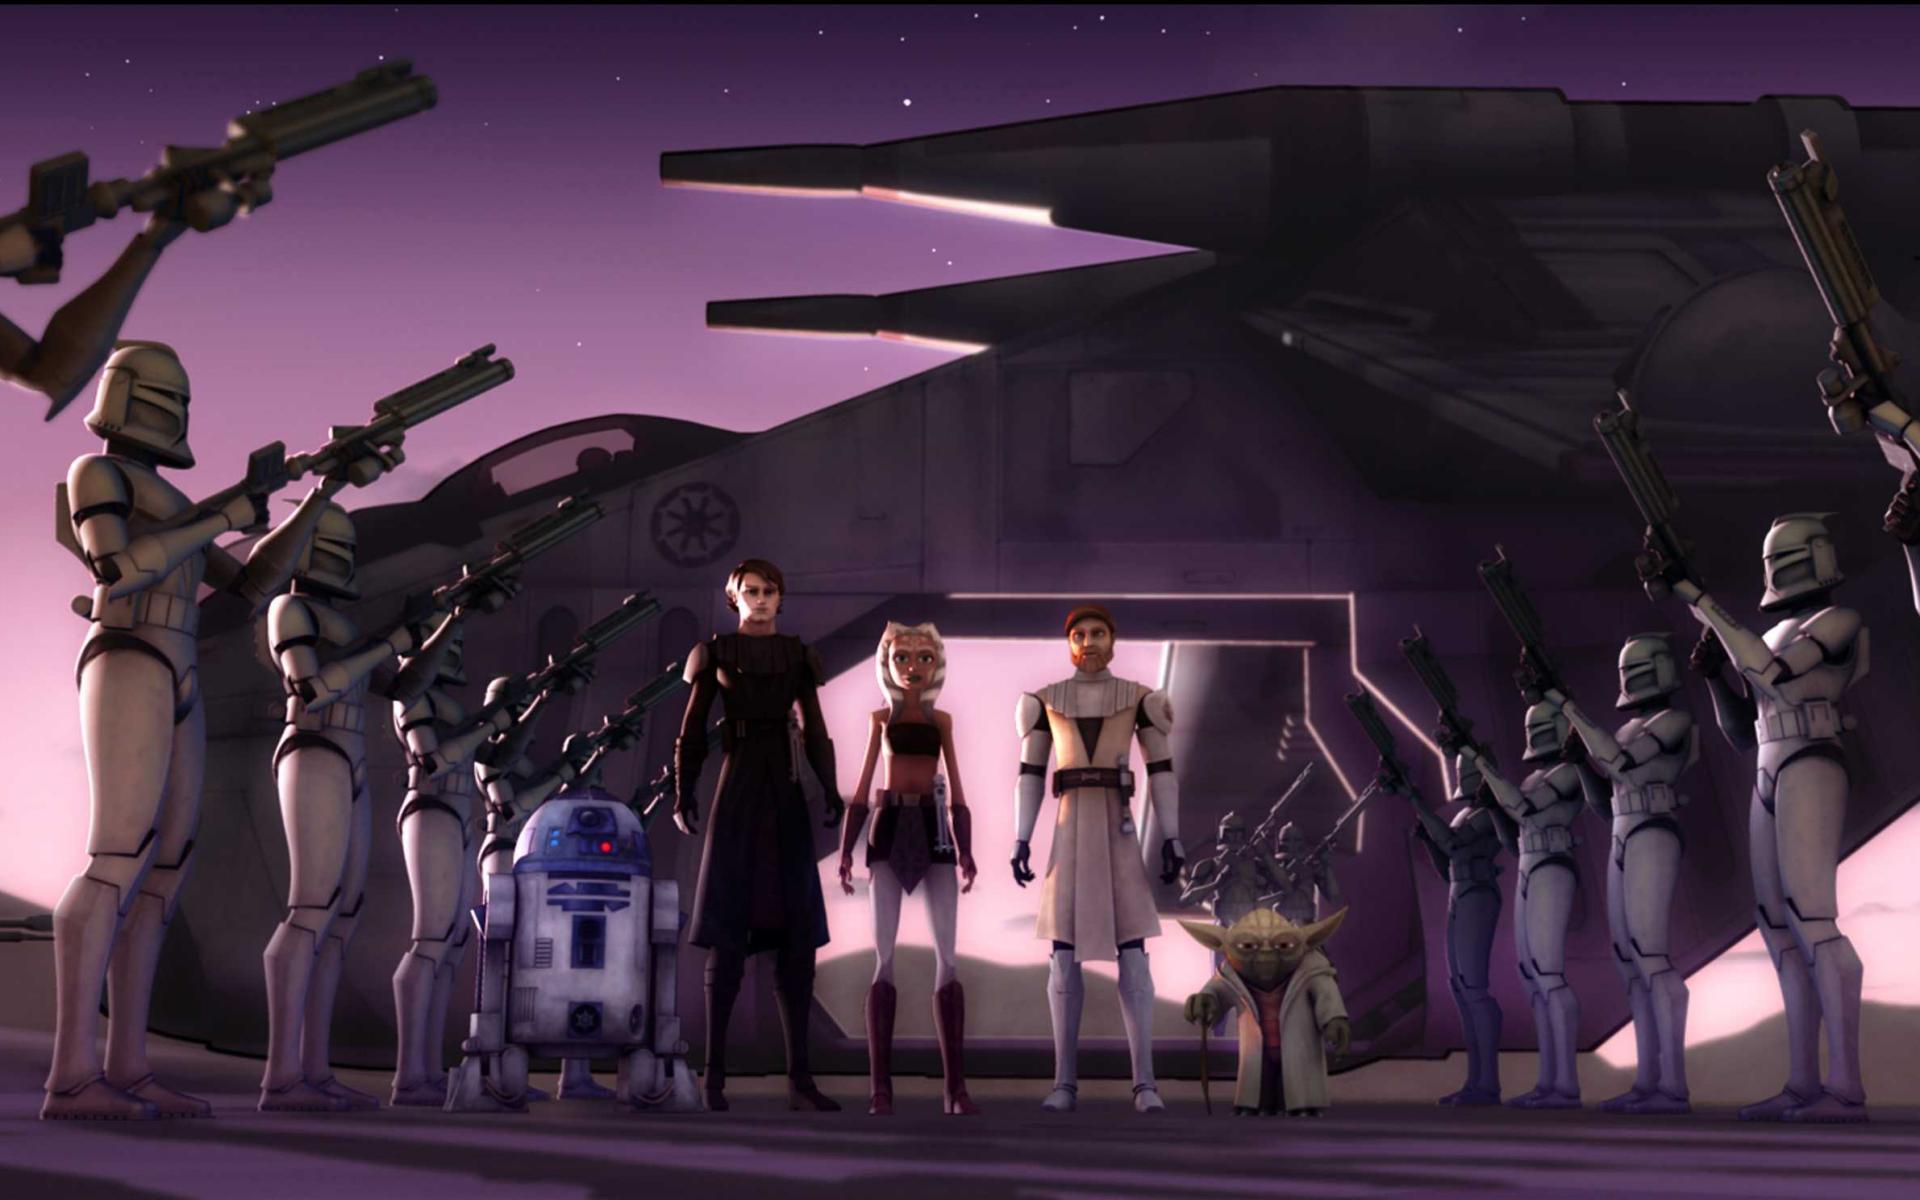 Star Wars Clone Wars Wallpaper wallpaper Star Wars Clone Wars 1920x1200